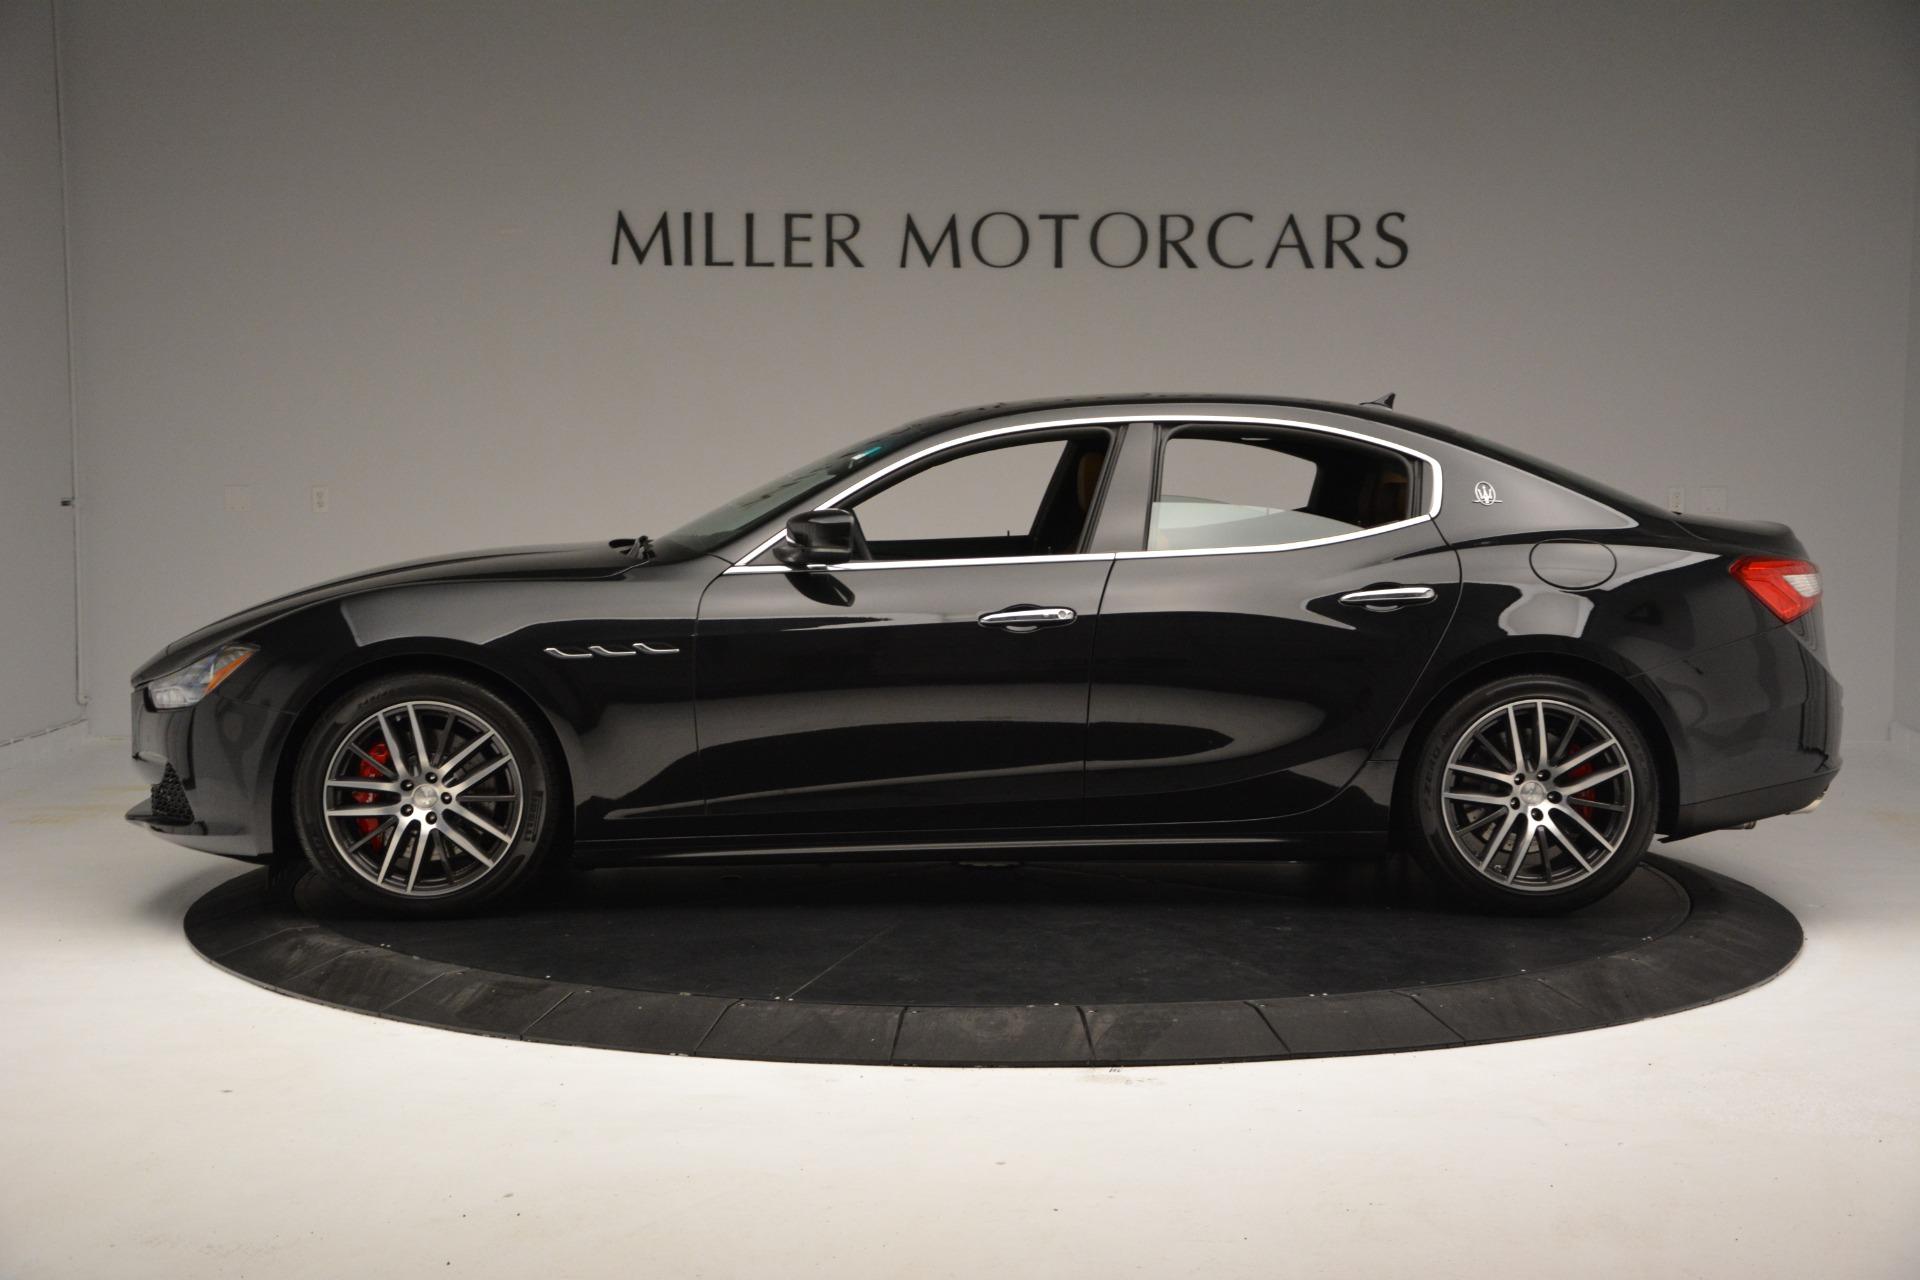 New 2017 Maserati Ghibli S Q4 For Sale In Greenwich, CT 769_p4